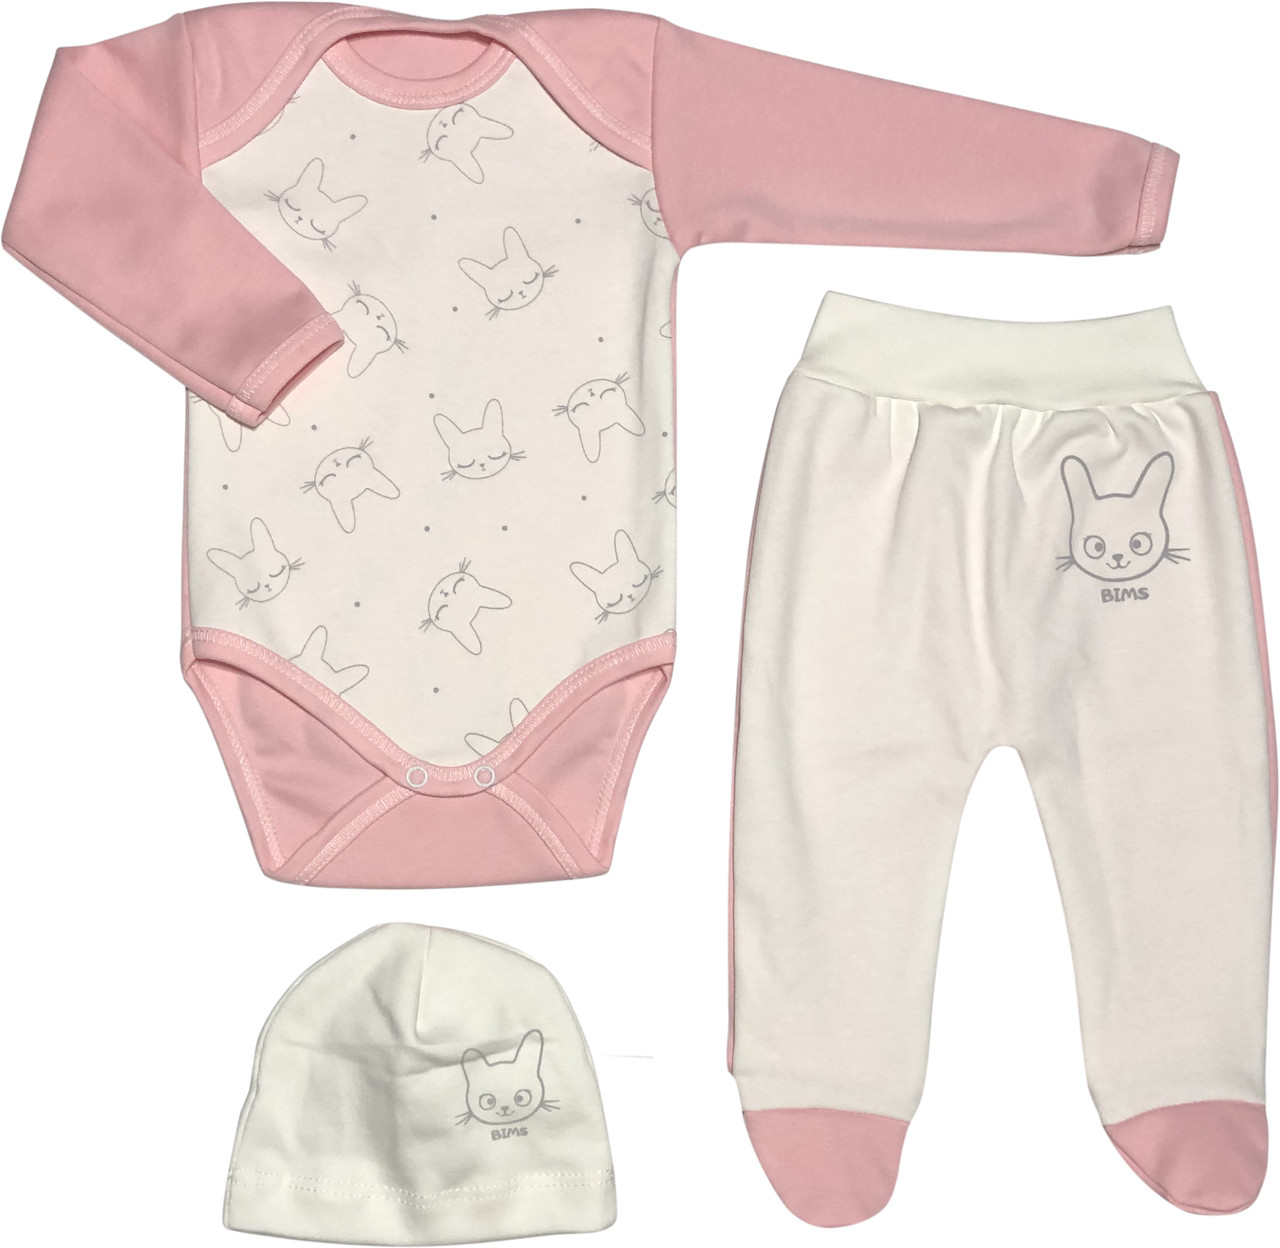 Тёплый костюм с начёсом на девочку рост 56 0-2 мес для новорожденных комплект детский трикотажный розовый